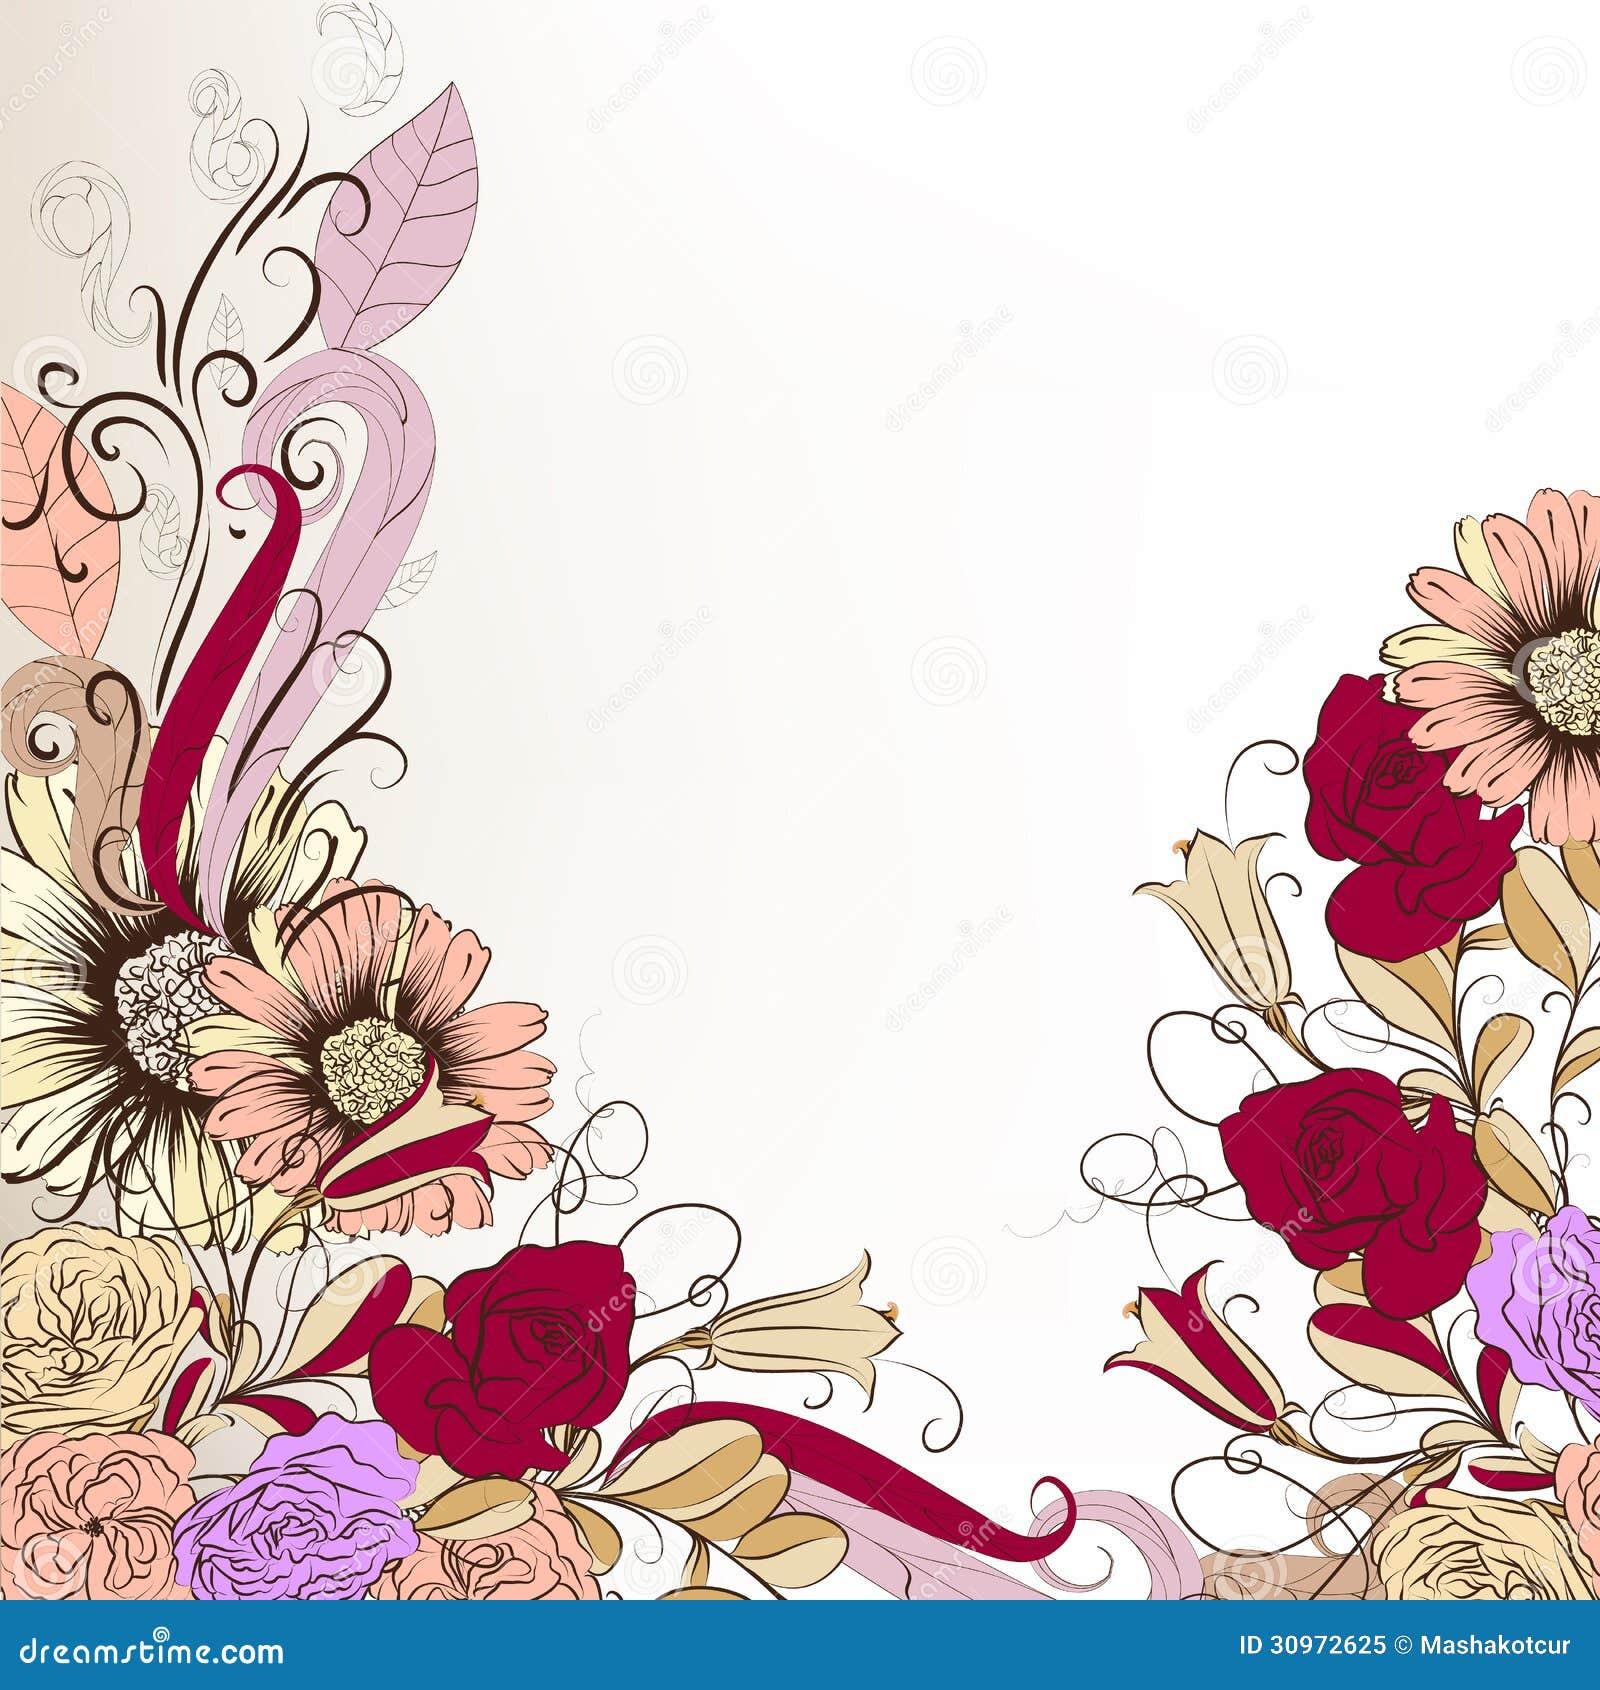 Descargar Imagenes De Flores Para Dibujar A Color